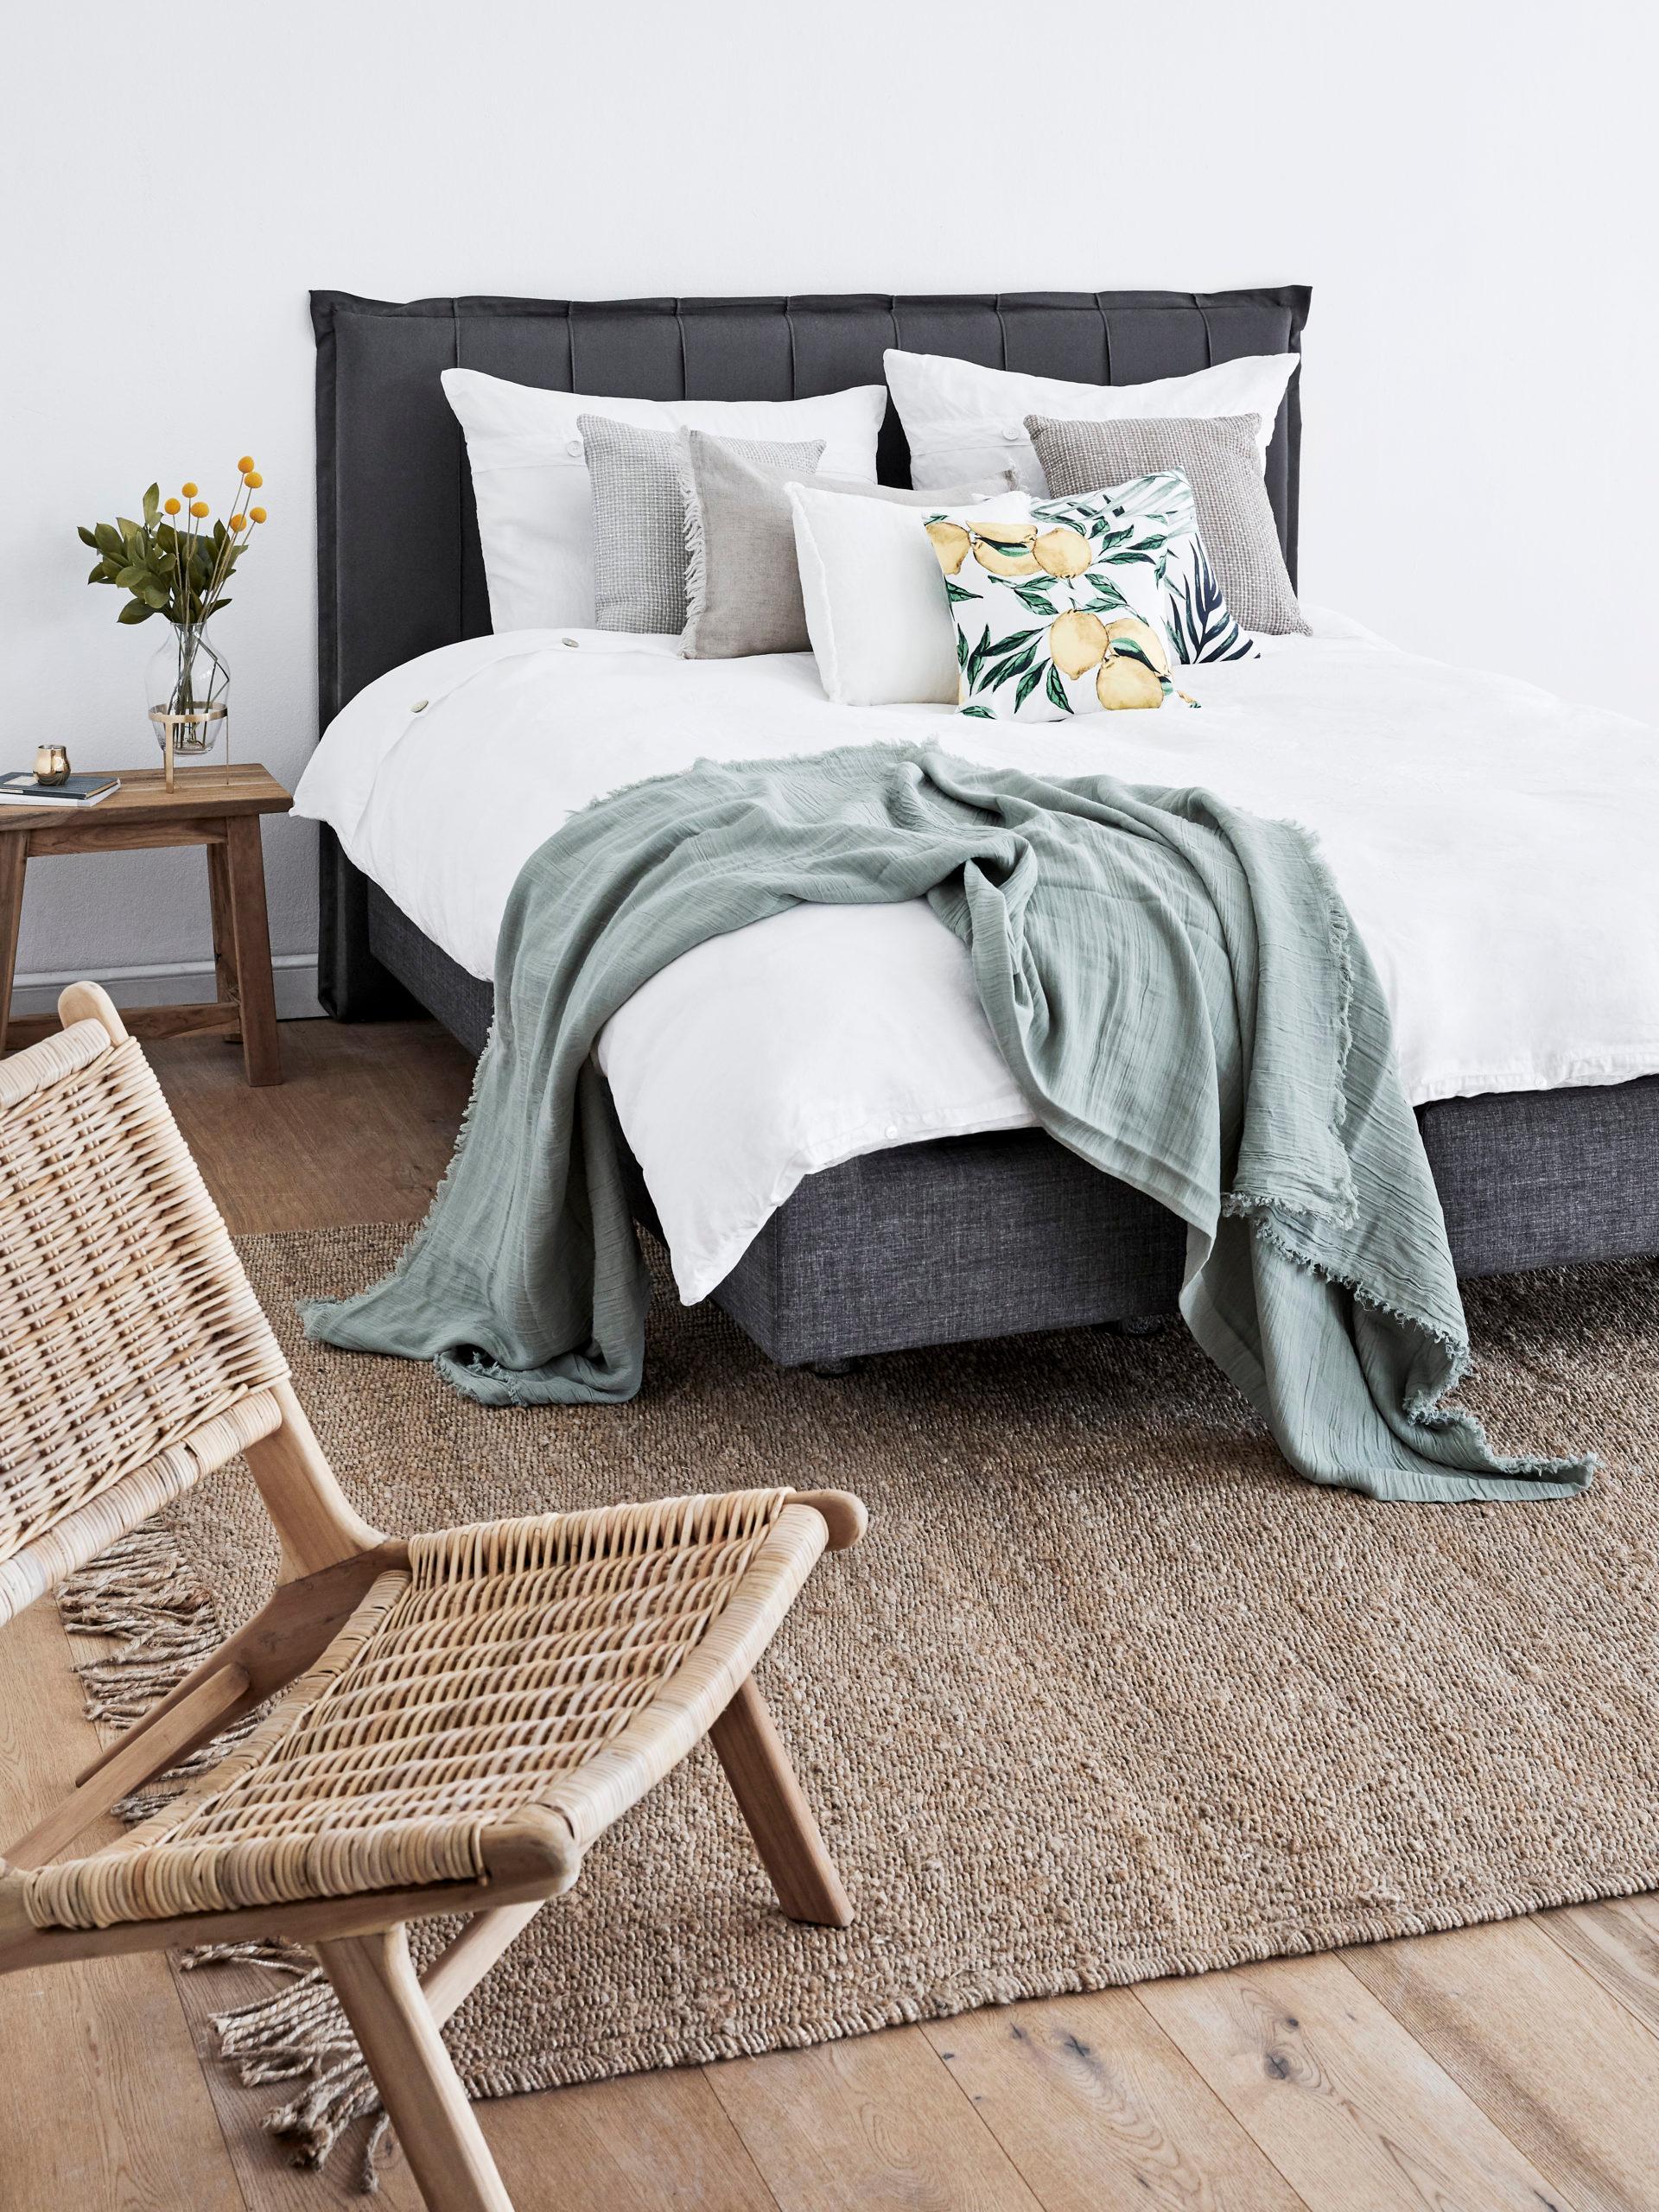 Sypialnia z dużym łóżkiem z białą pościelą i kocem w szałwiowej zieleni